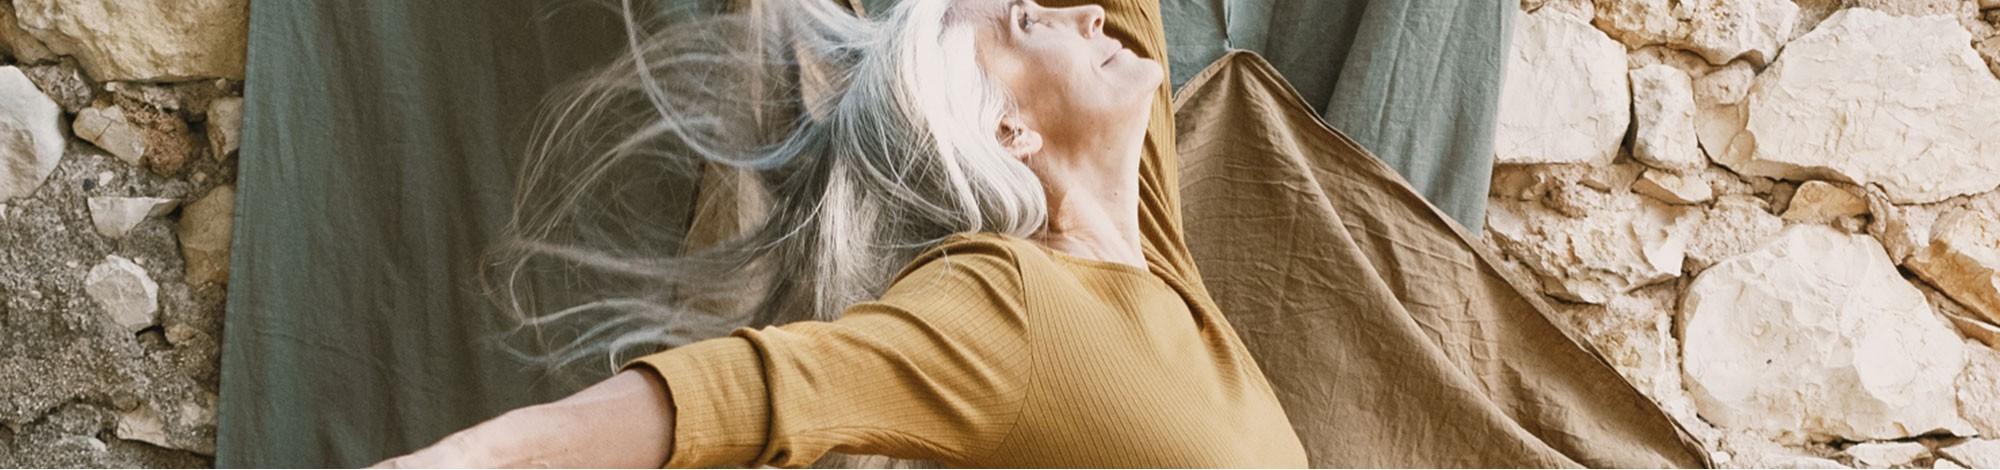 Vestidos de muselina de algodón orgánico